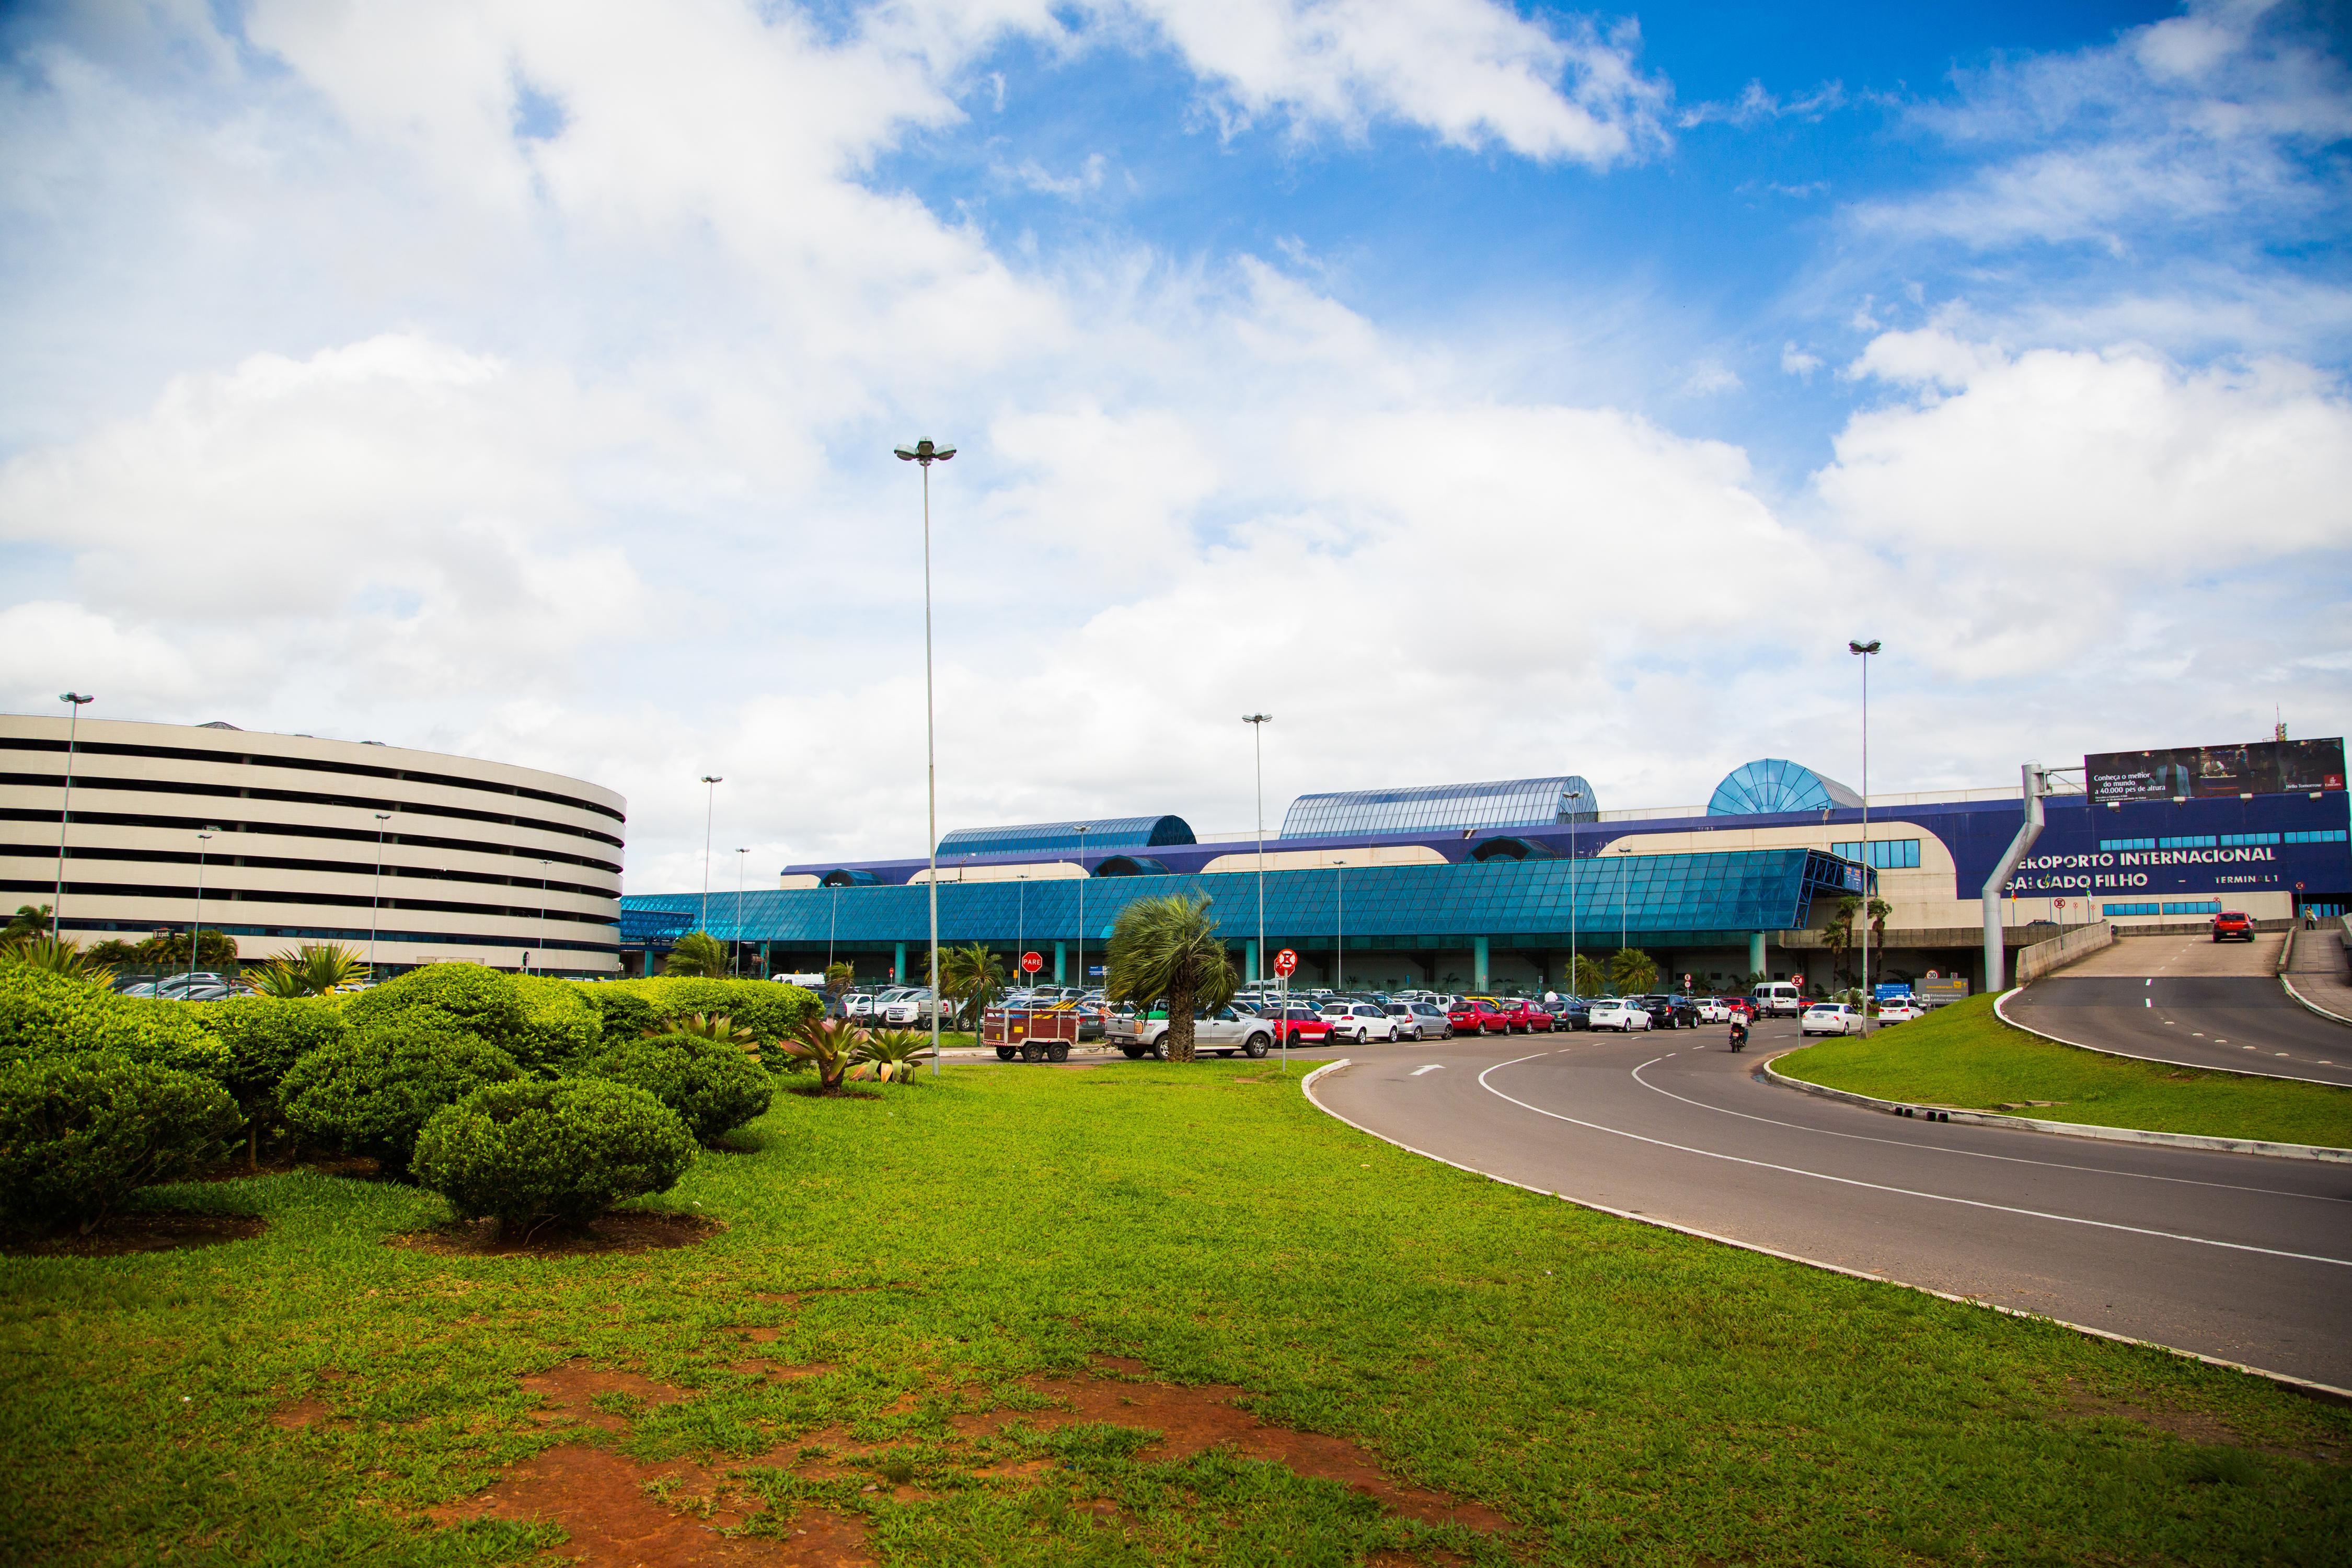 Aeroporto Internacional Salgado F.